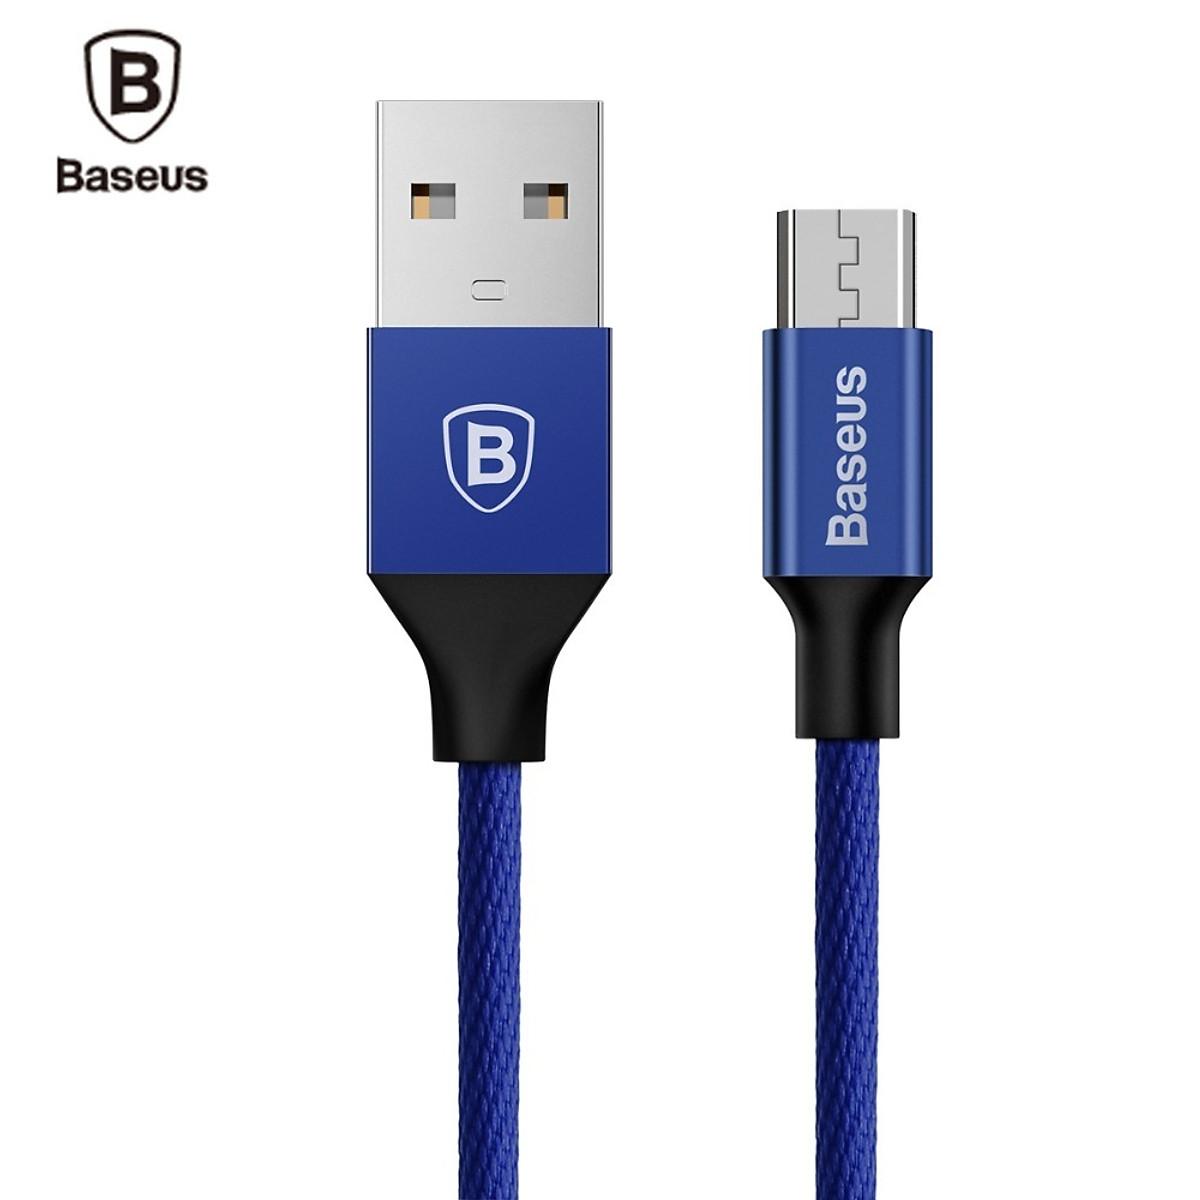 Cáp sạc USB ra Micro USB Baseus Yiven dài 1m - Hàng chính hãng 11